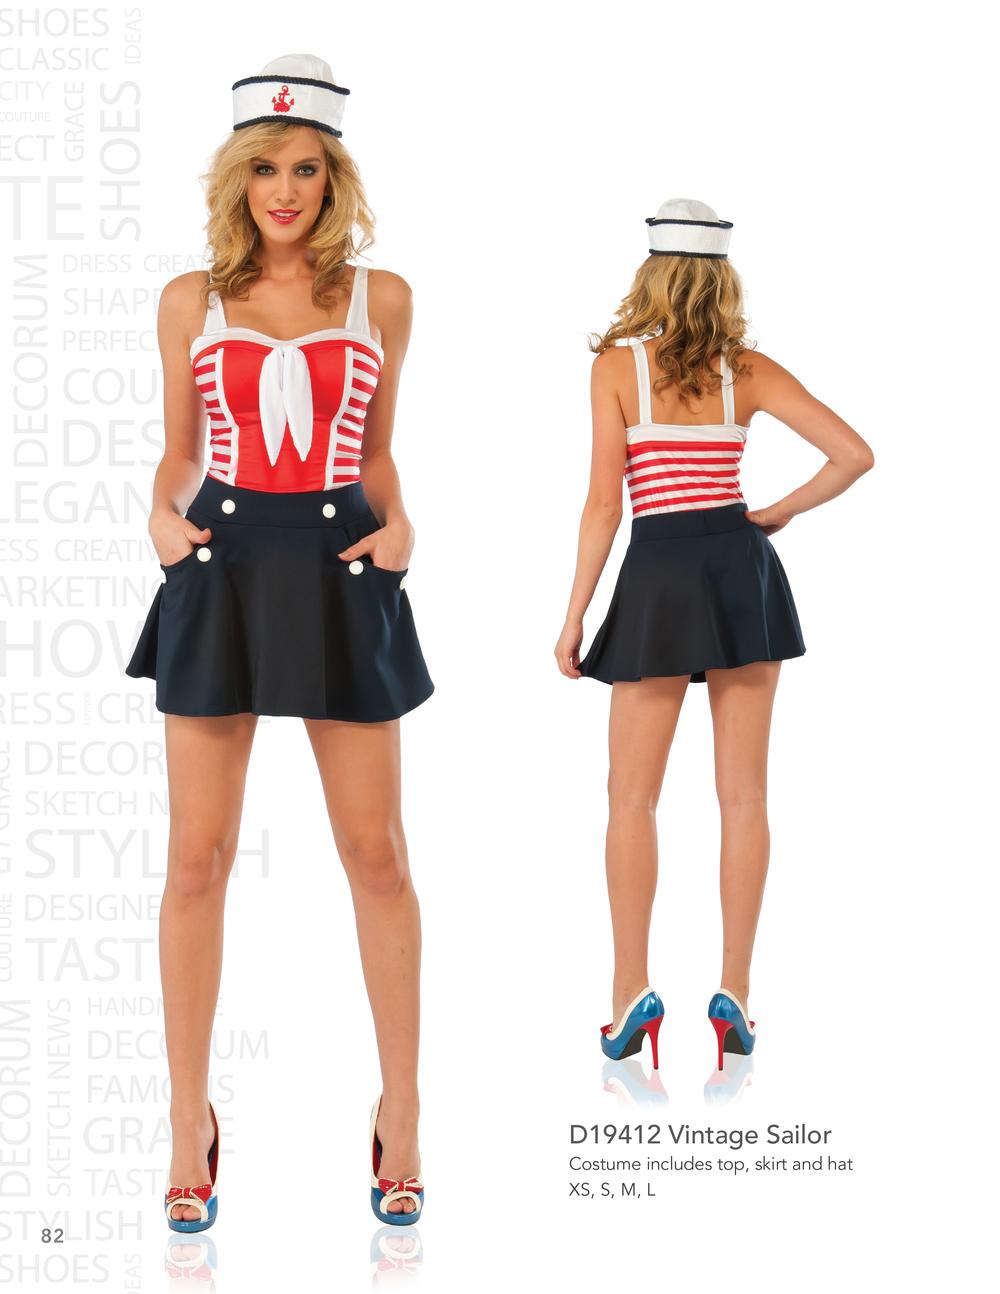 D19412 Vintage Sailor